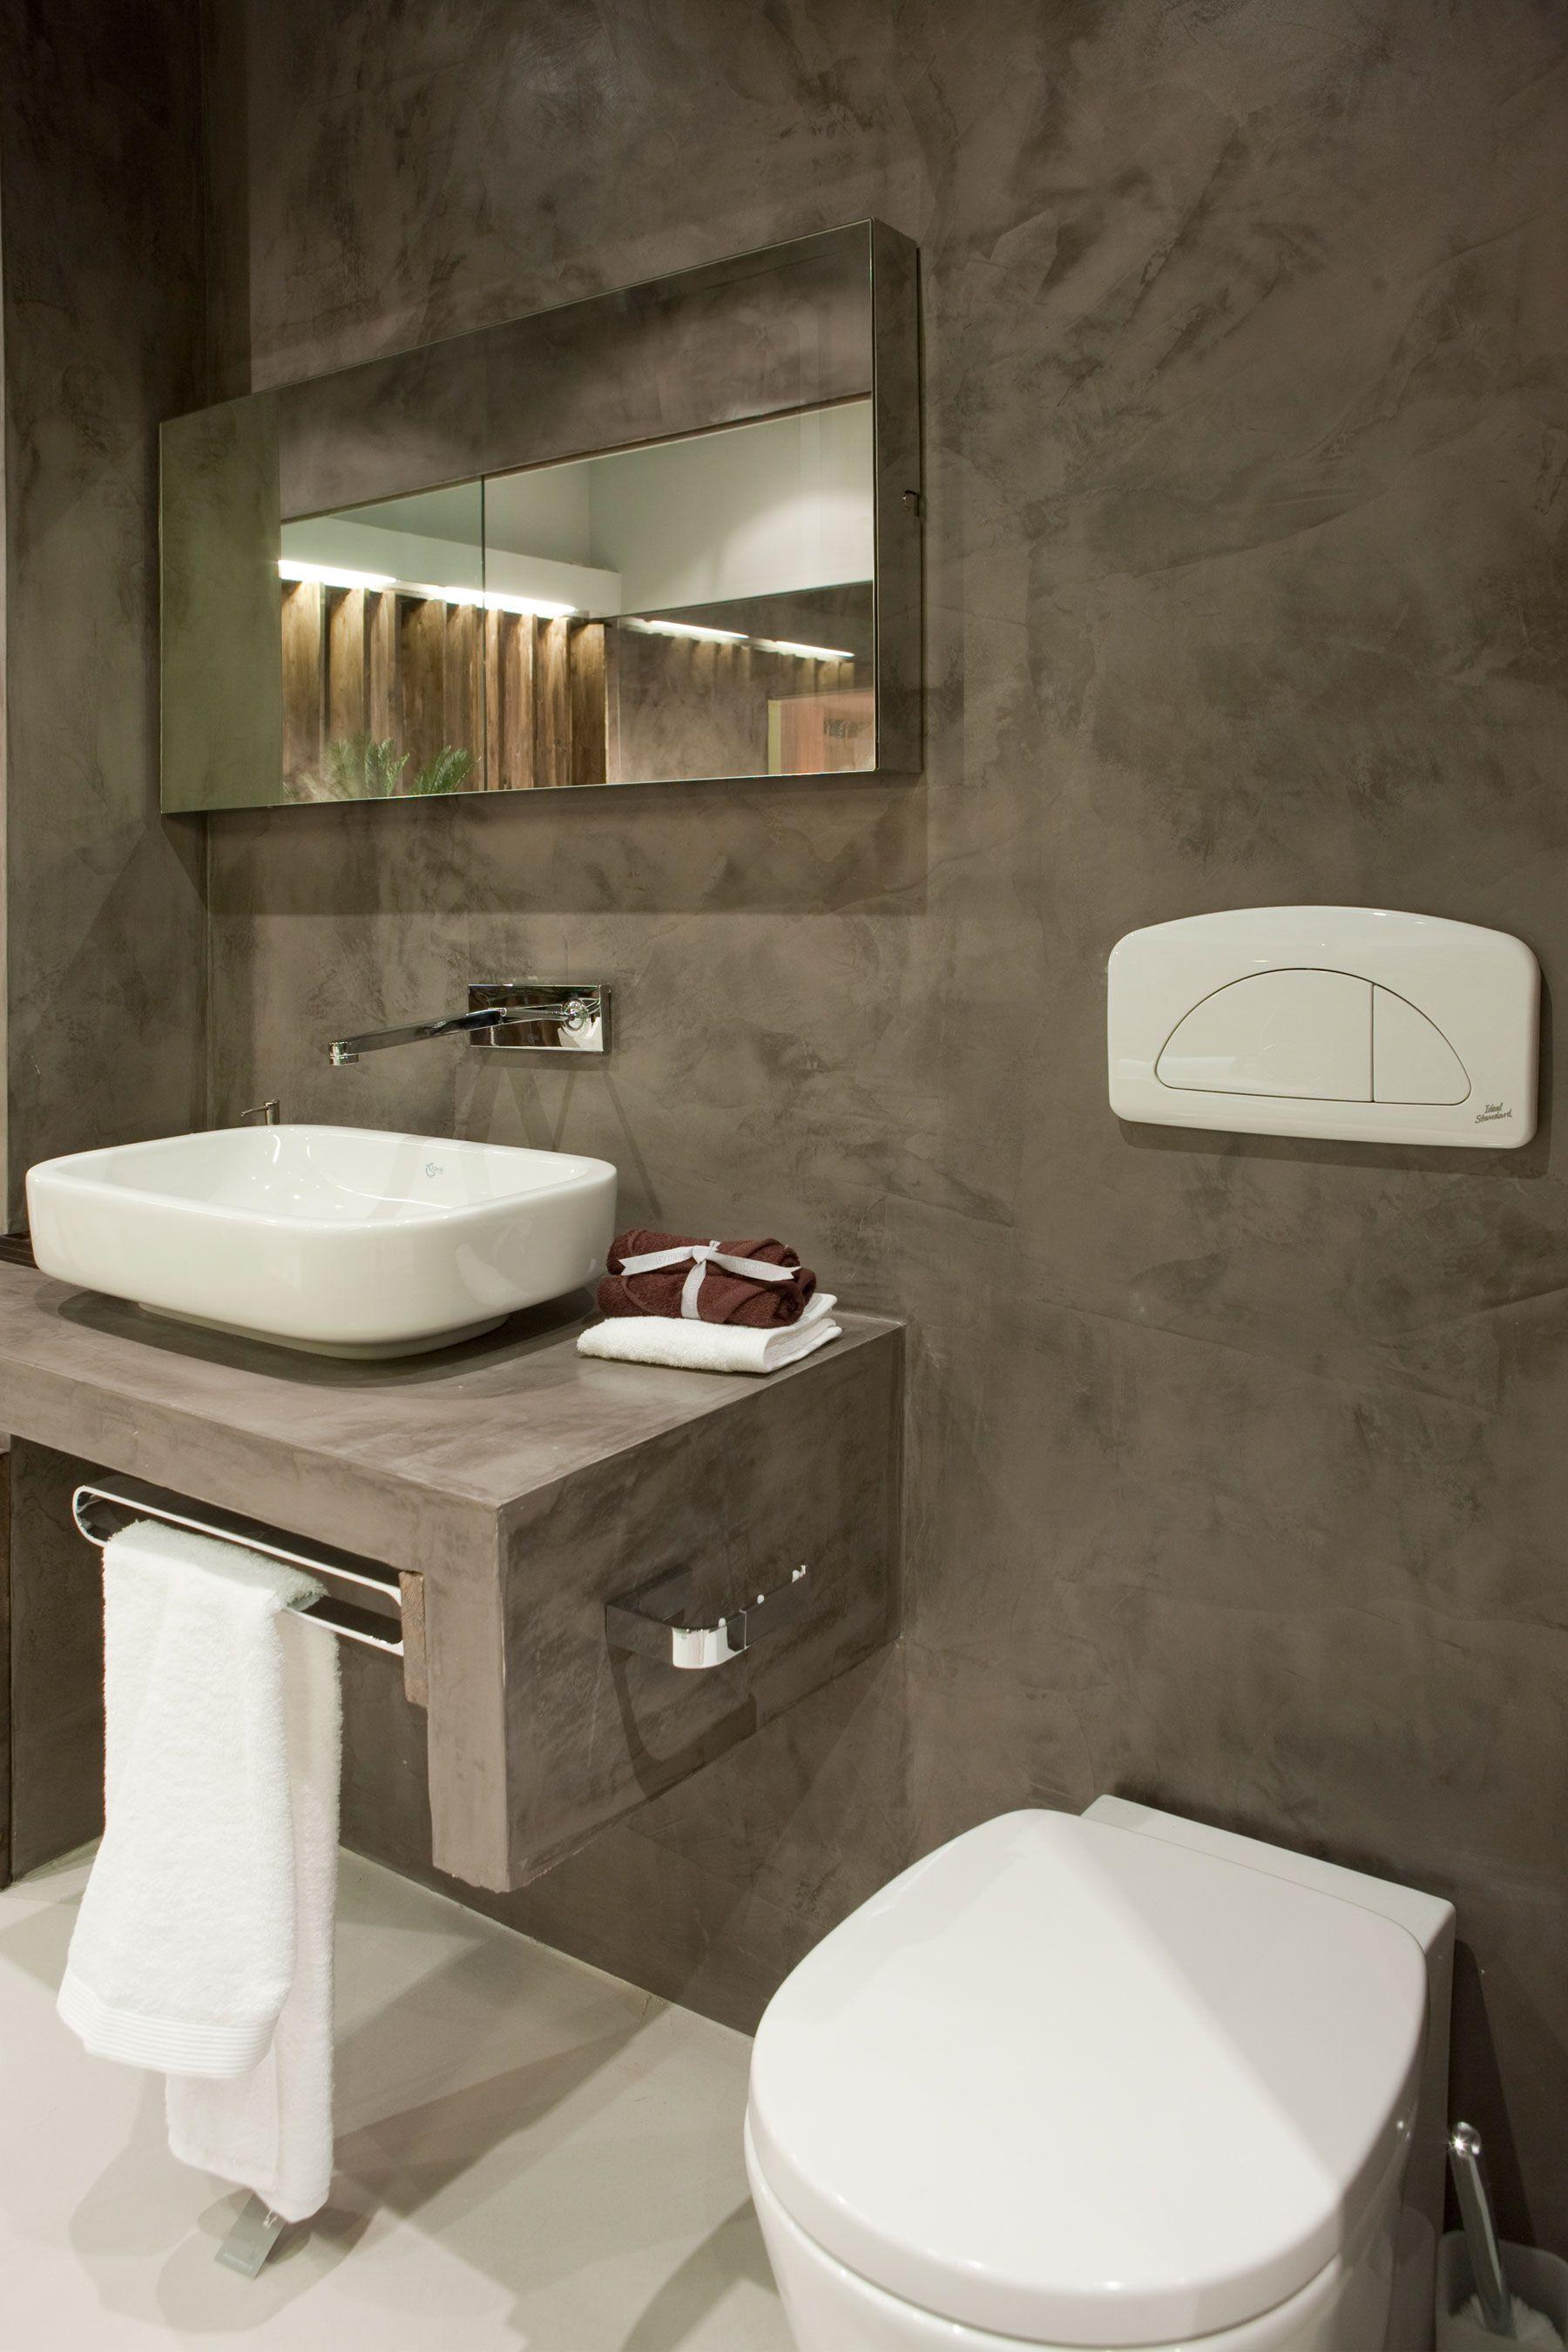 Vuelta A Empezar By Egue Y Seta Bathroom Interior Bathroom